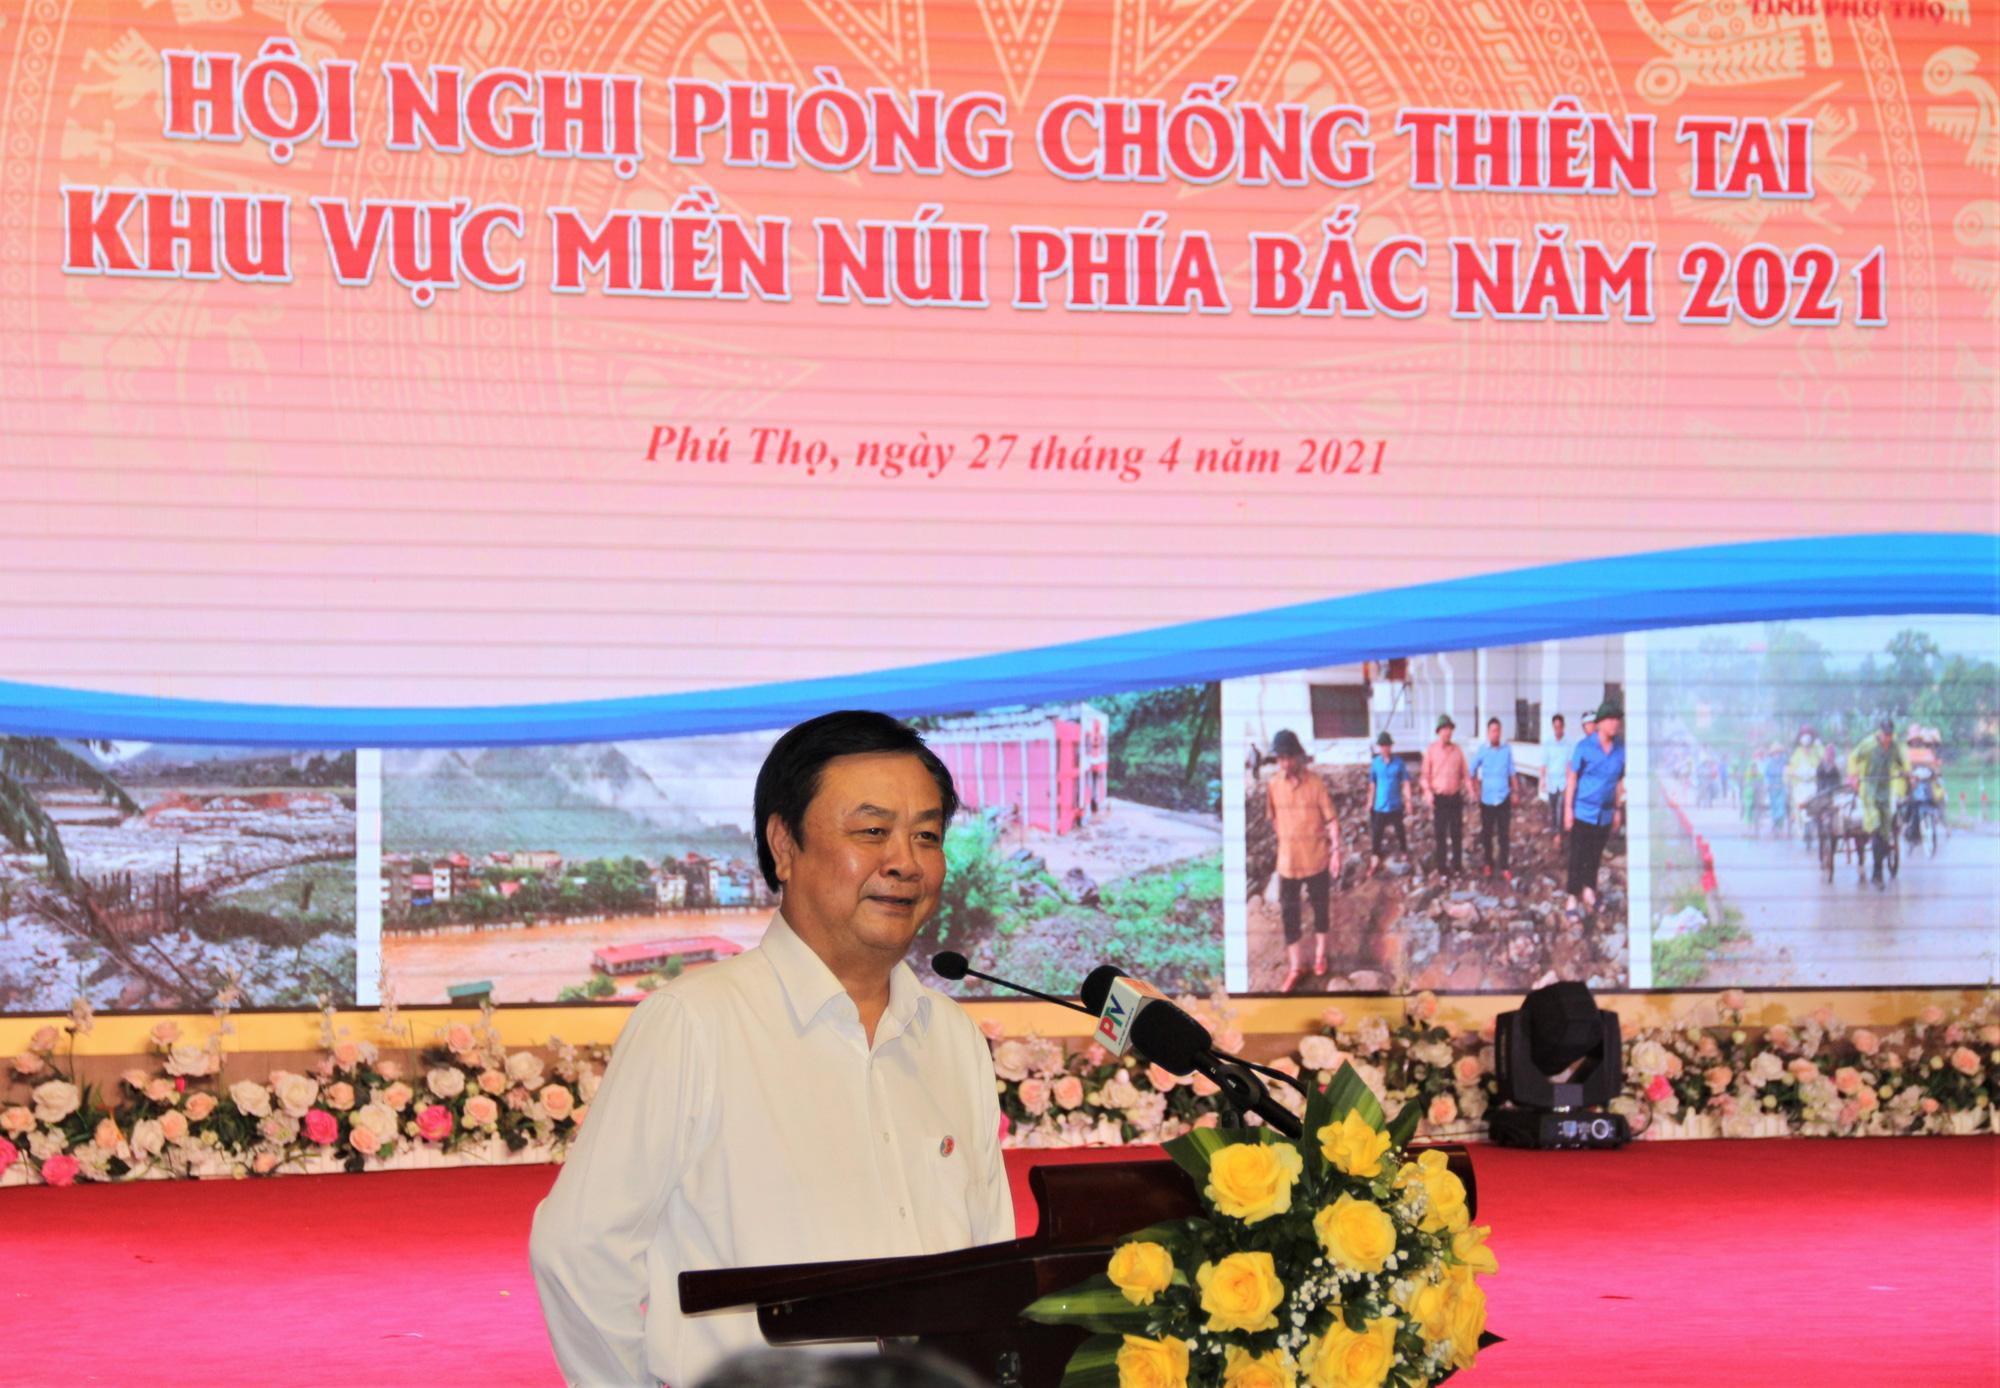 Bộ trưởng Bộ NNPTNT Lê Minh Hoan: Đừng thỏa mãn nhu cầu thế hệ hôm nay mà đánh mất - Ảnh 1.